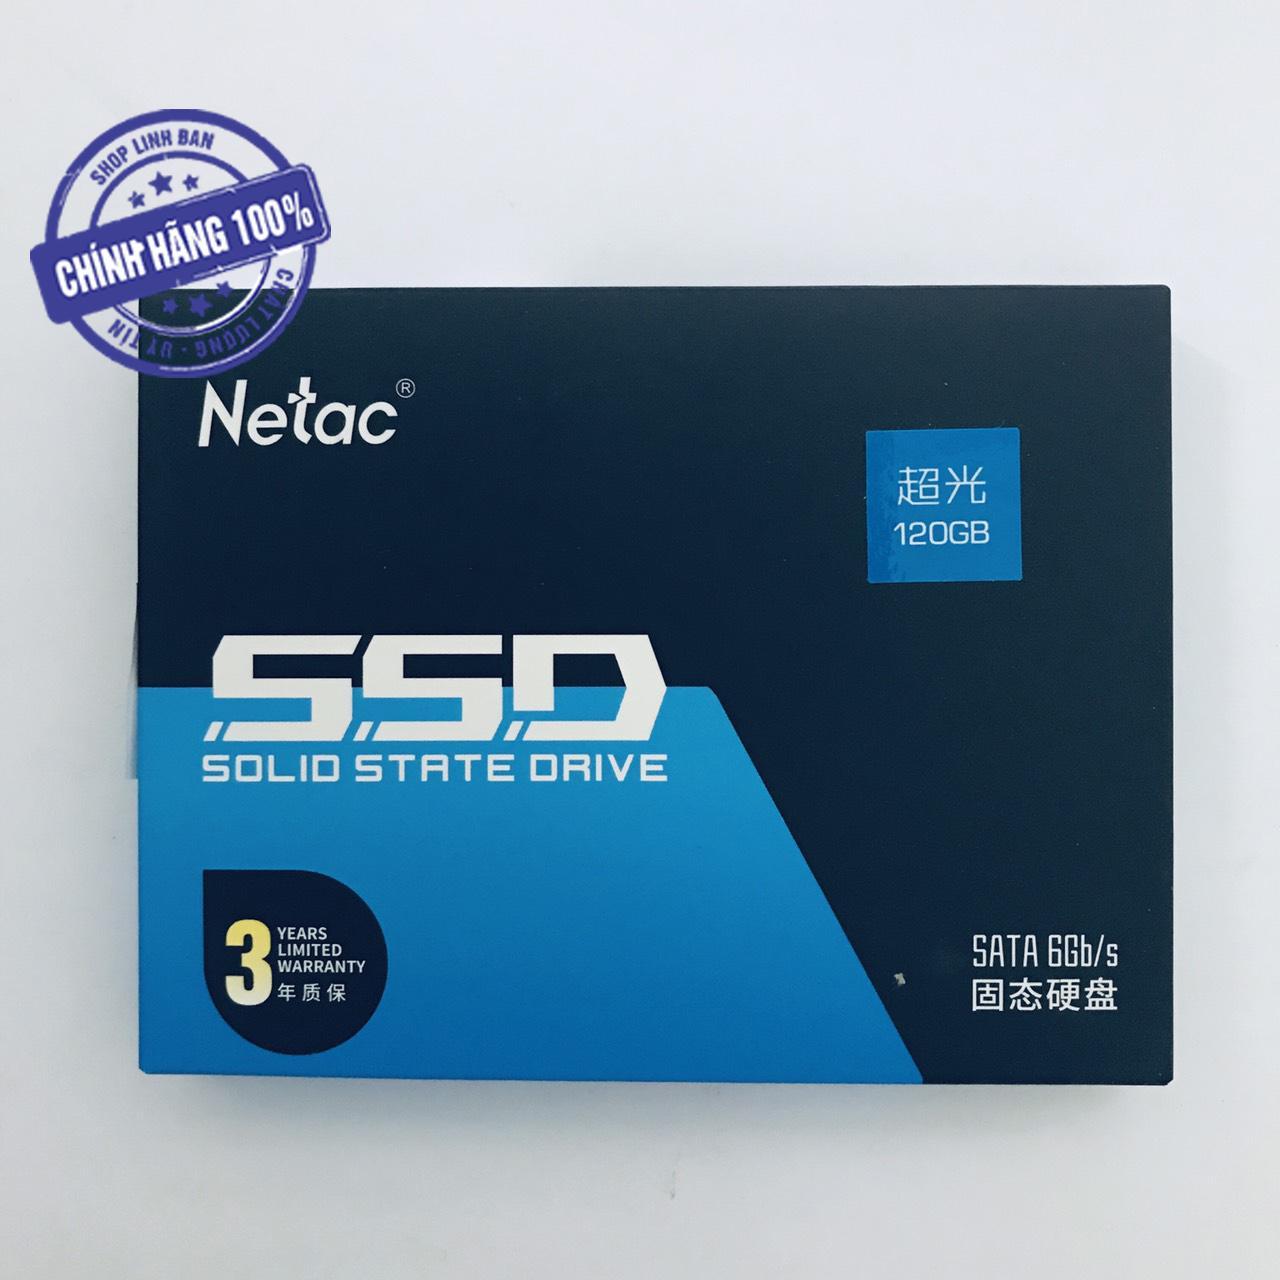 Ổ cứng SSD 120GB Netac N535S SATA III 6GB/s 2.5 inch